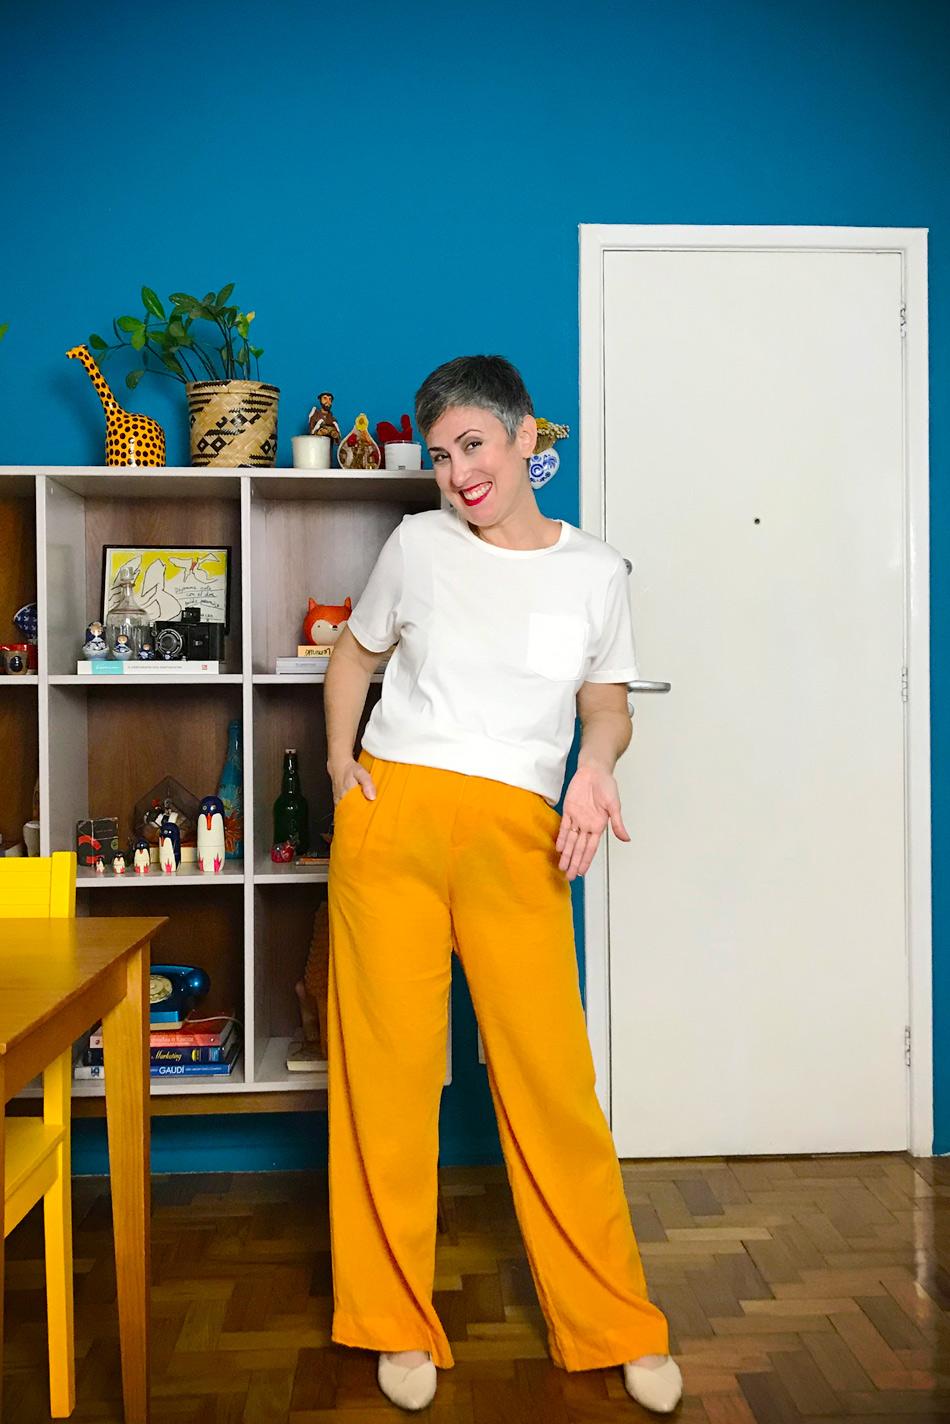 ana-soares-como-combinar-roupas-coloridas